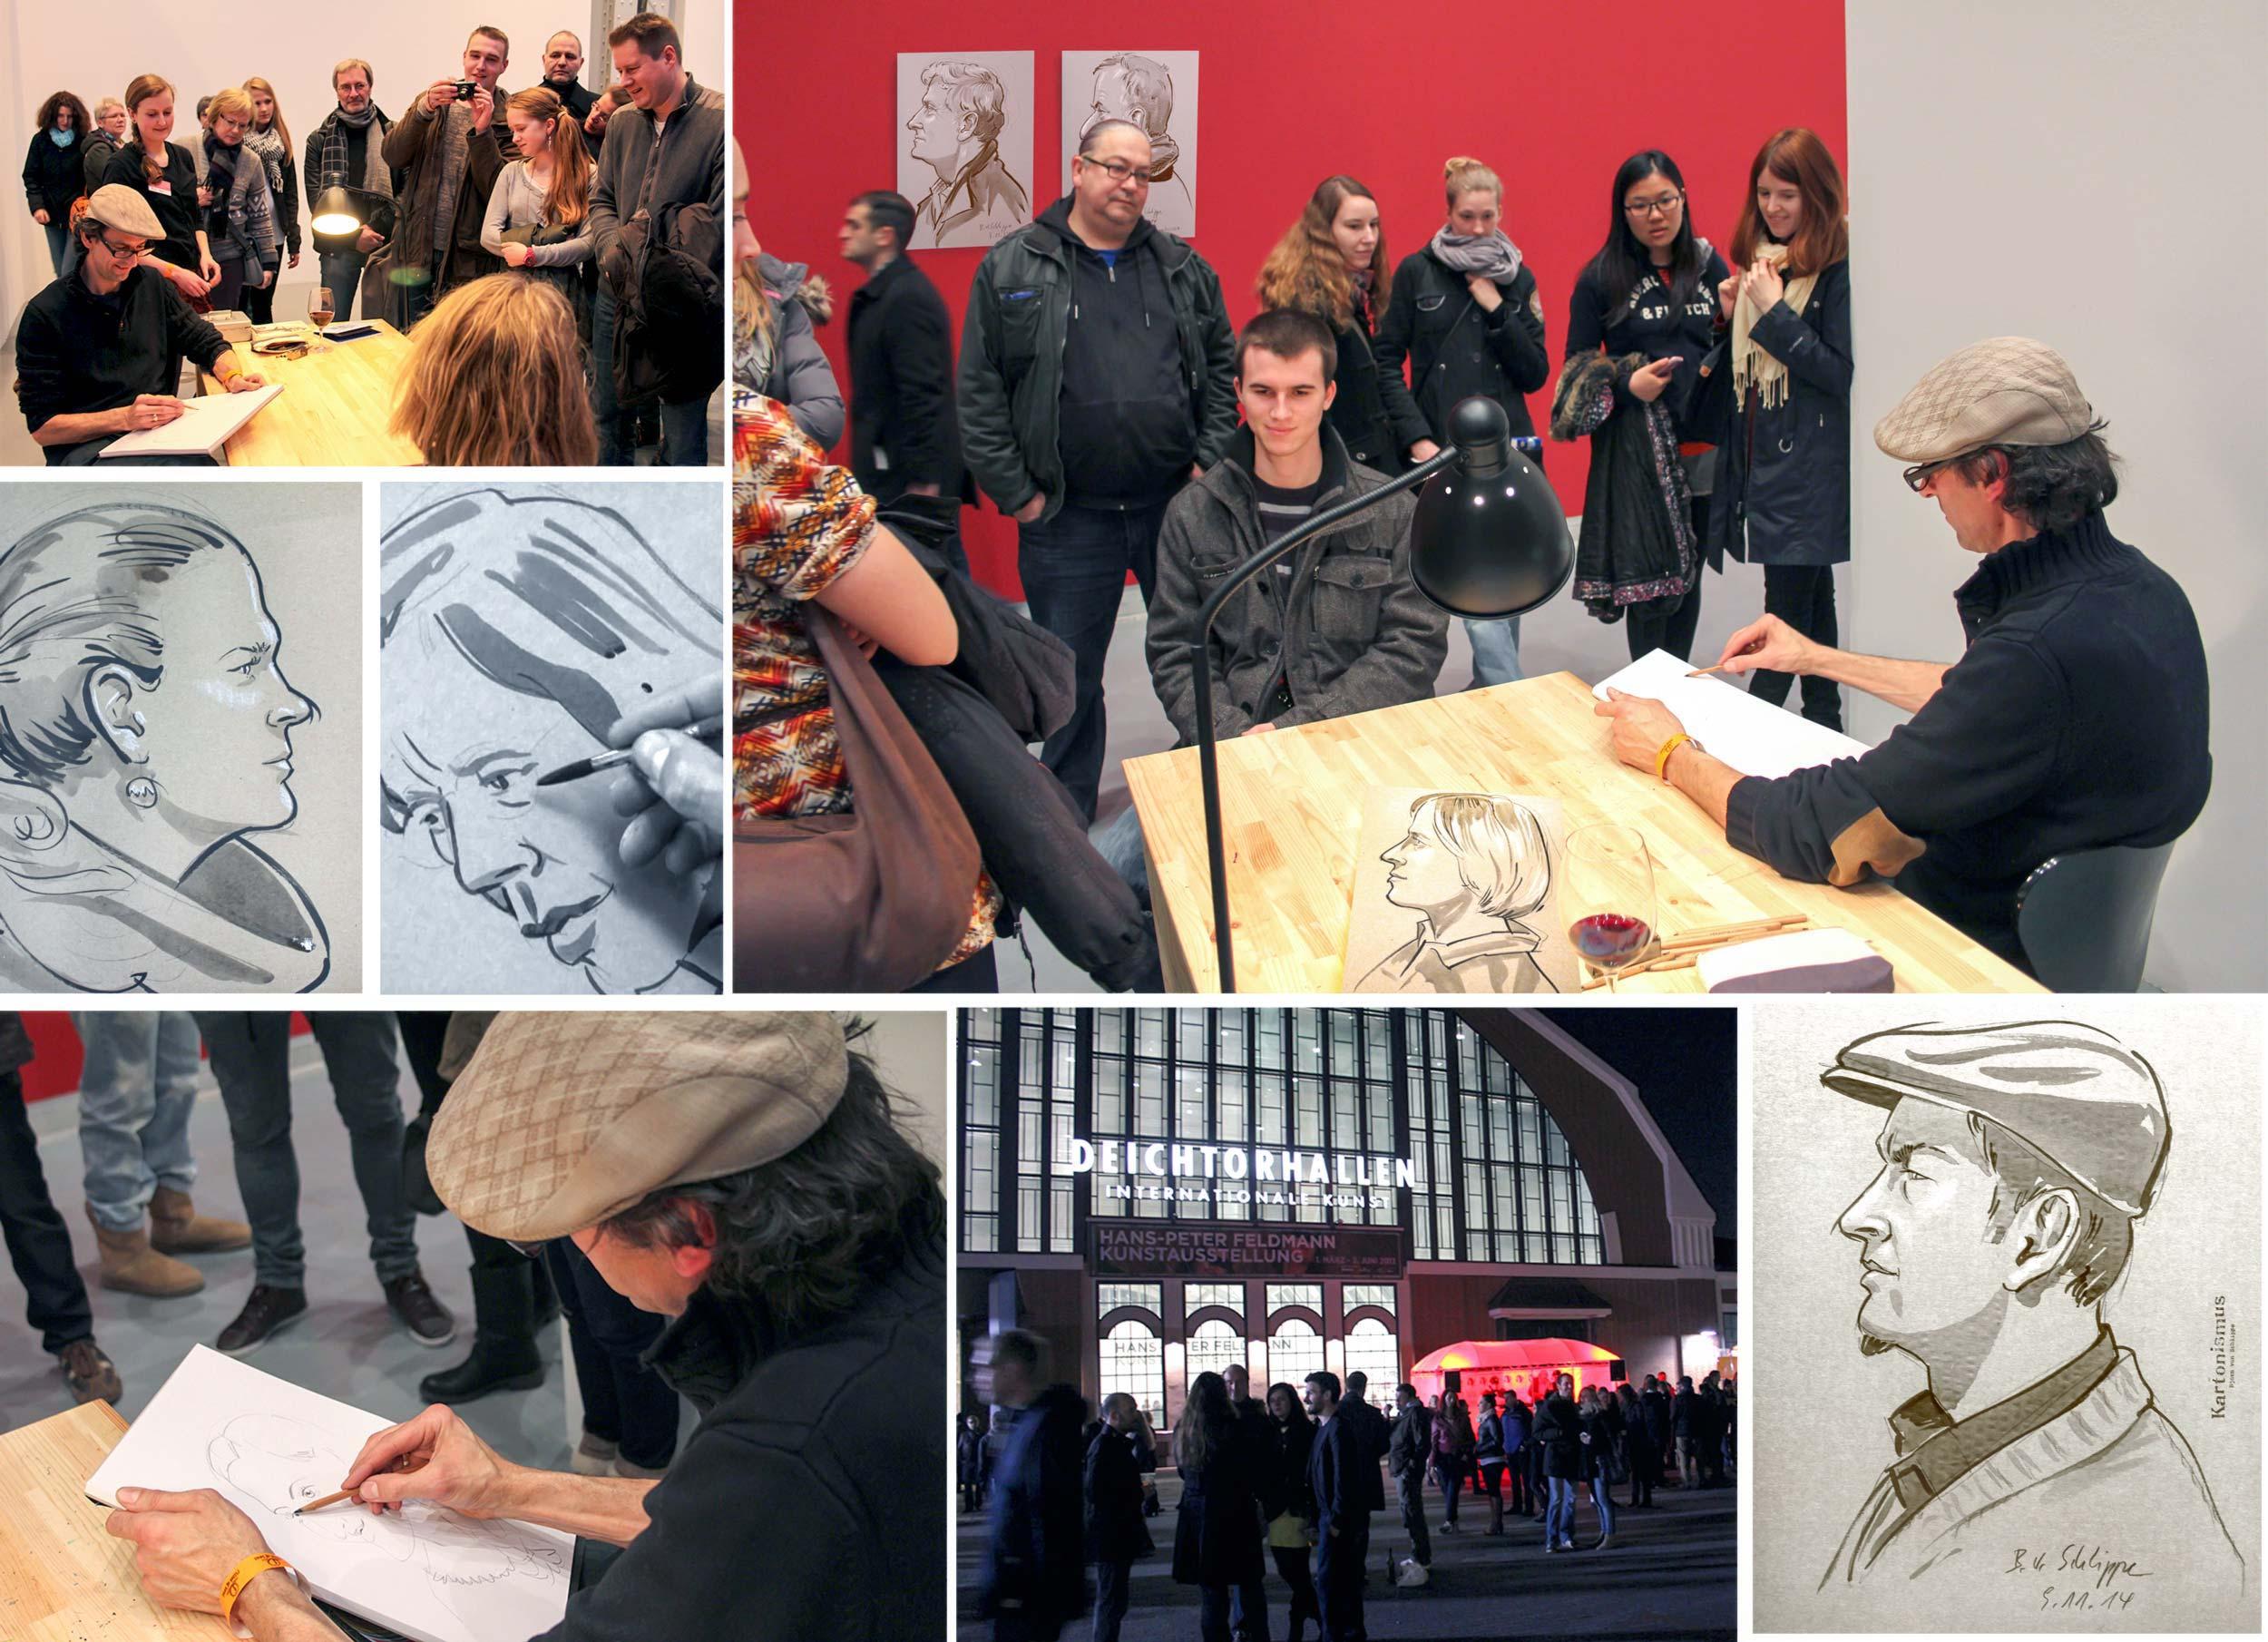 Lange Nacht der Museen in der Hamburger Deichtorhalle   Ich porträtiere Besucher in verschiedenen Techniken. Es ist rammelvoll und die Besucher erwarten mindestens Kunst.